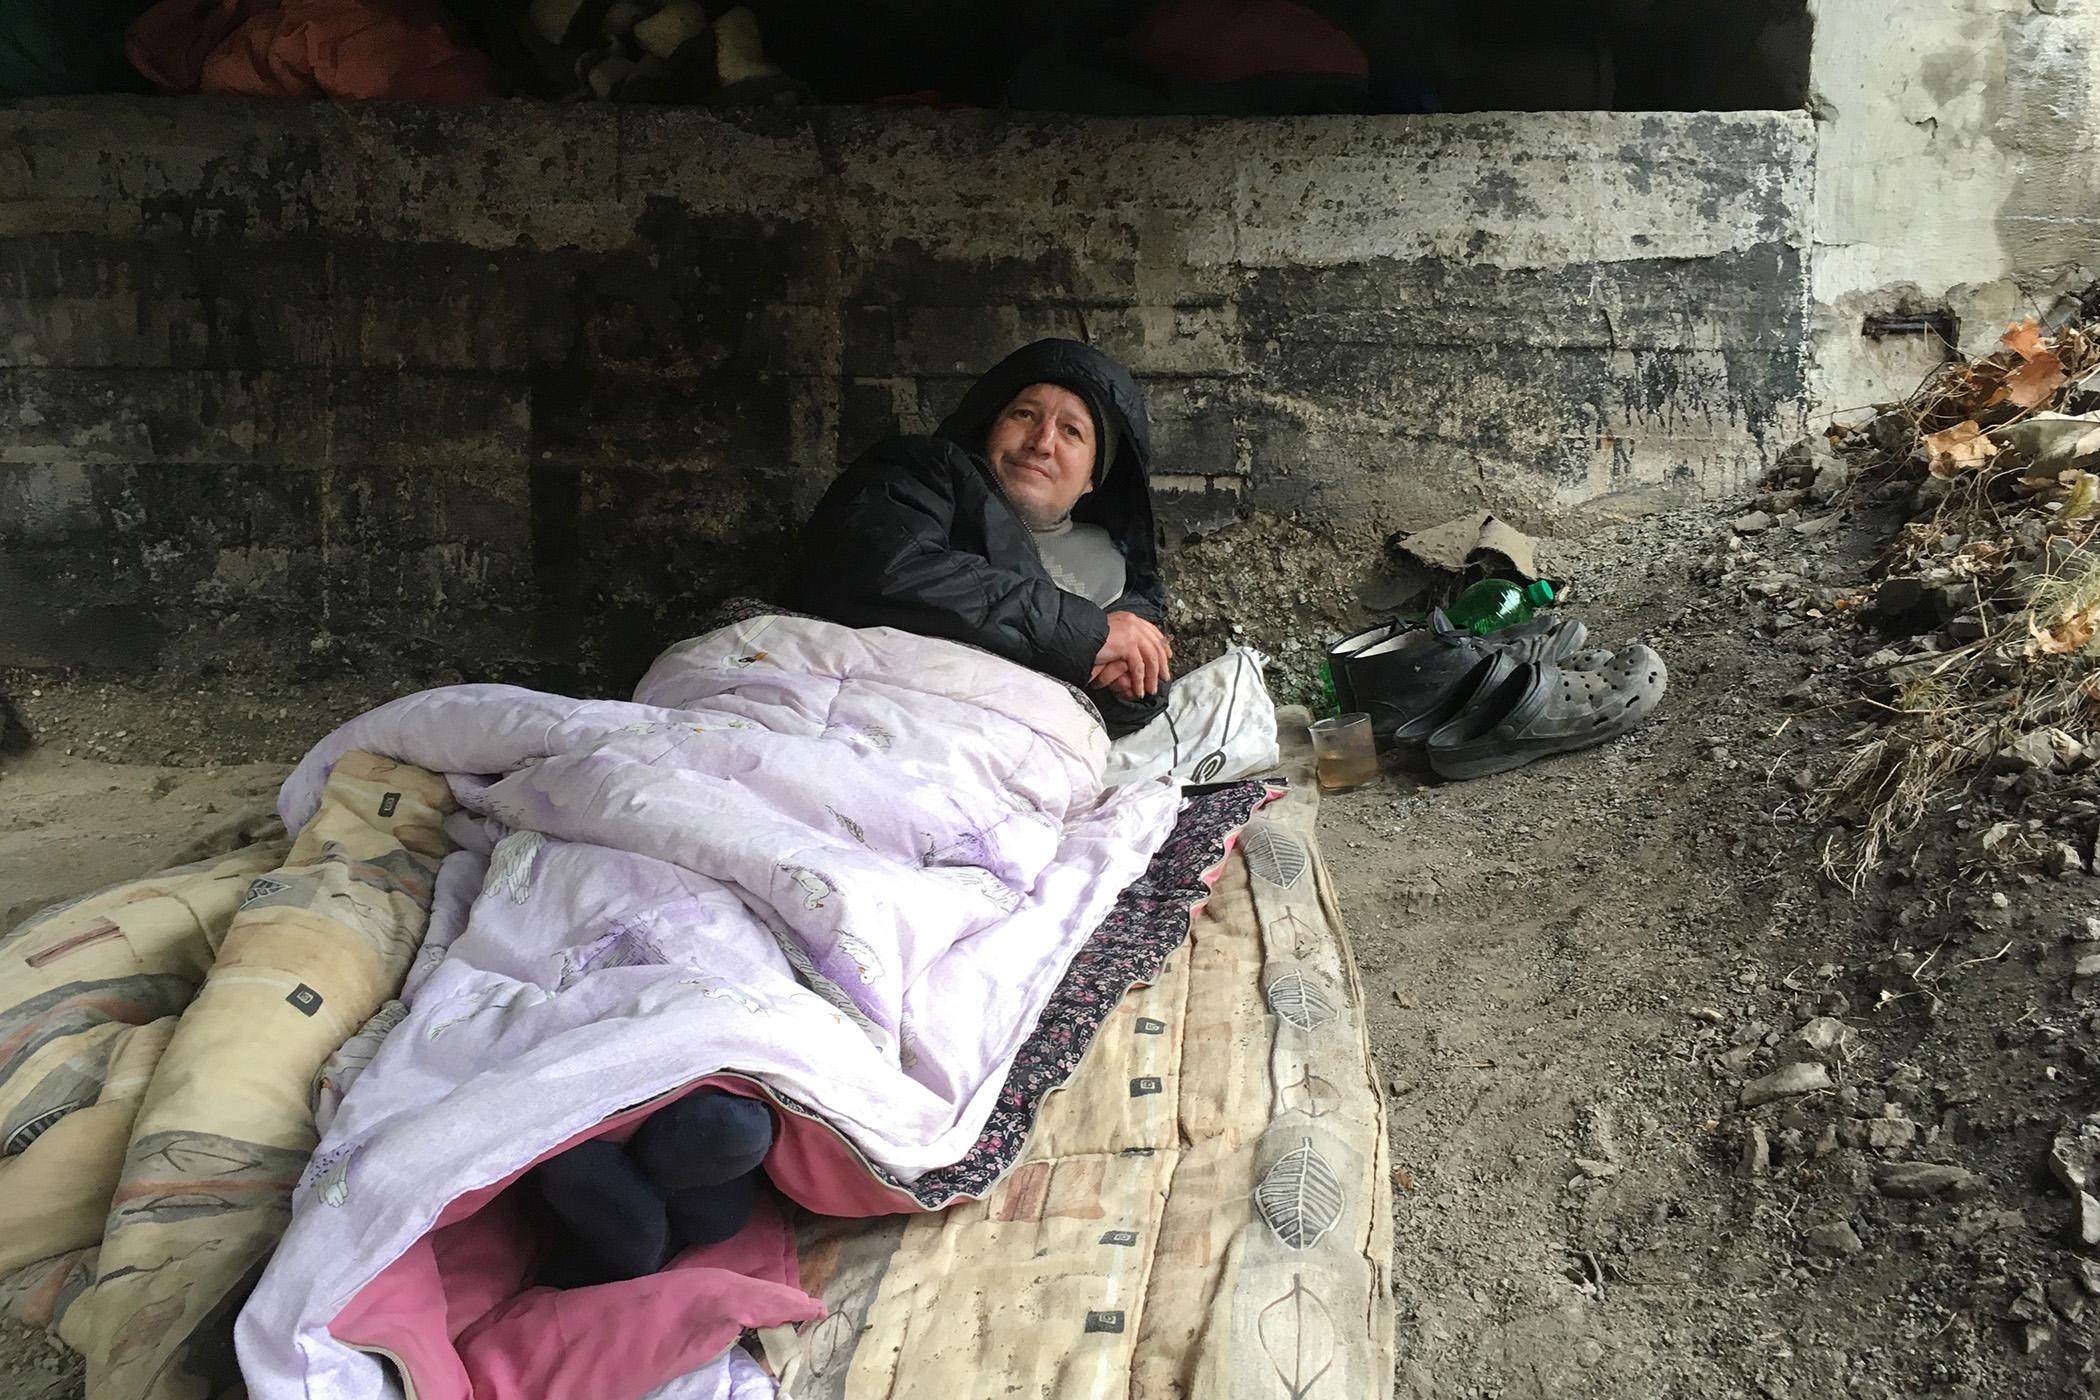 Dvojice bezdomovců obývá okolí železničního mostu přes Chrudimku